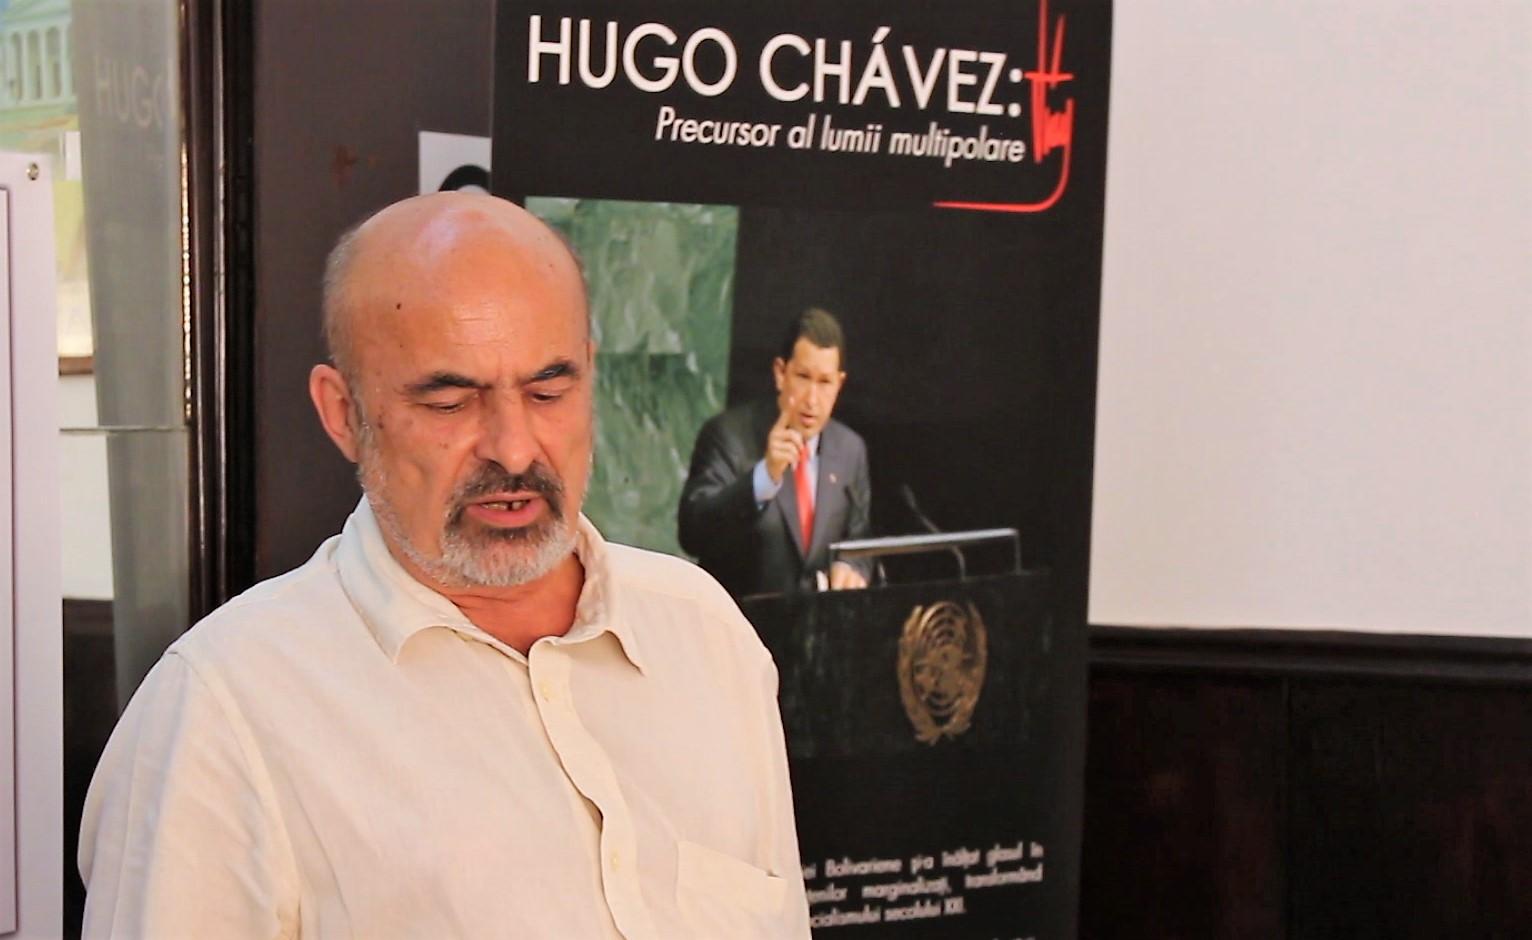 Gheorghiţă Zbăganu, figură de seamă a comunismului românesc contemporan. În plan scund, Hugo Chavez, mare comunist și el.